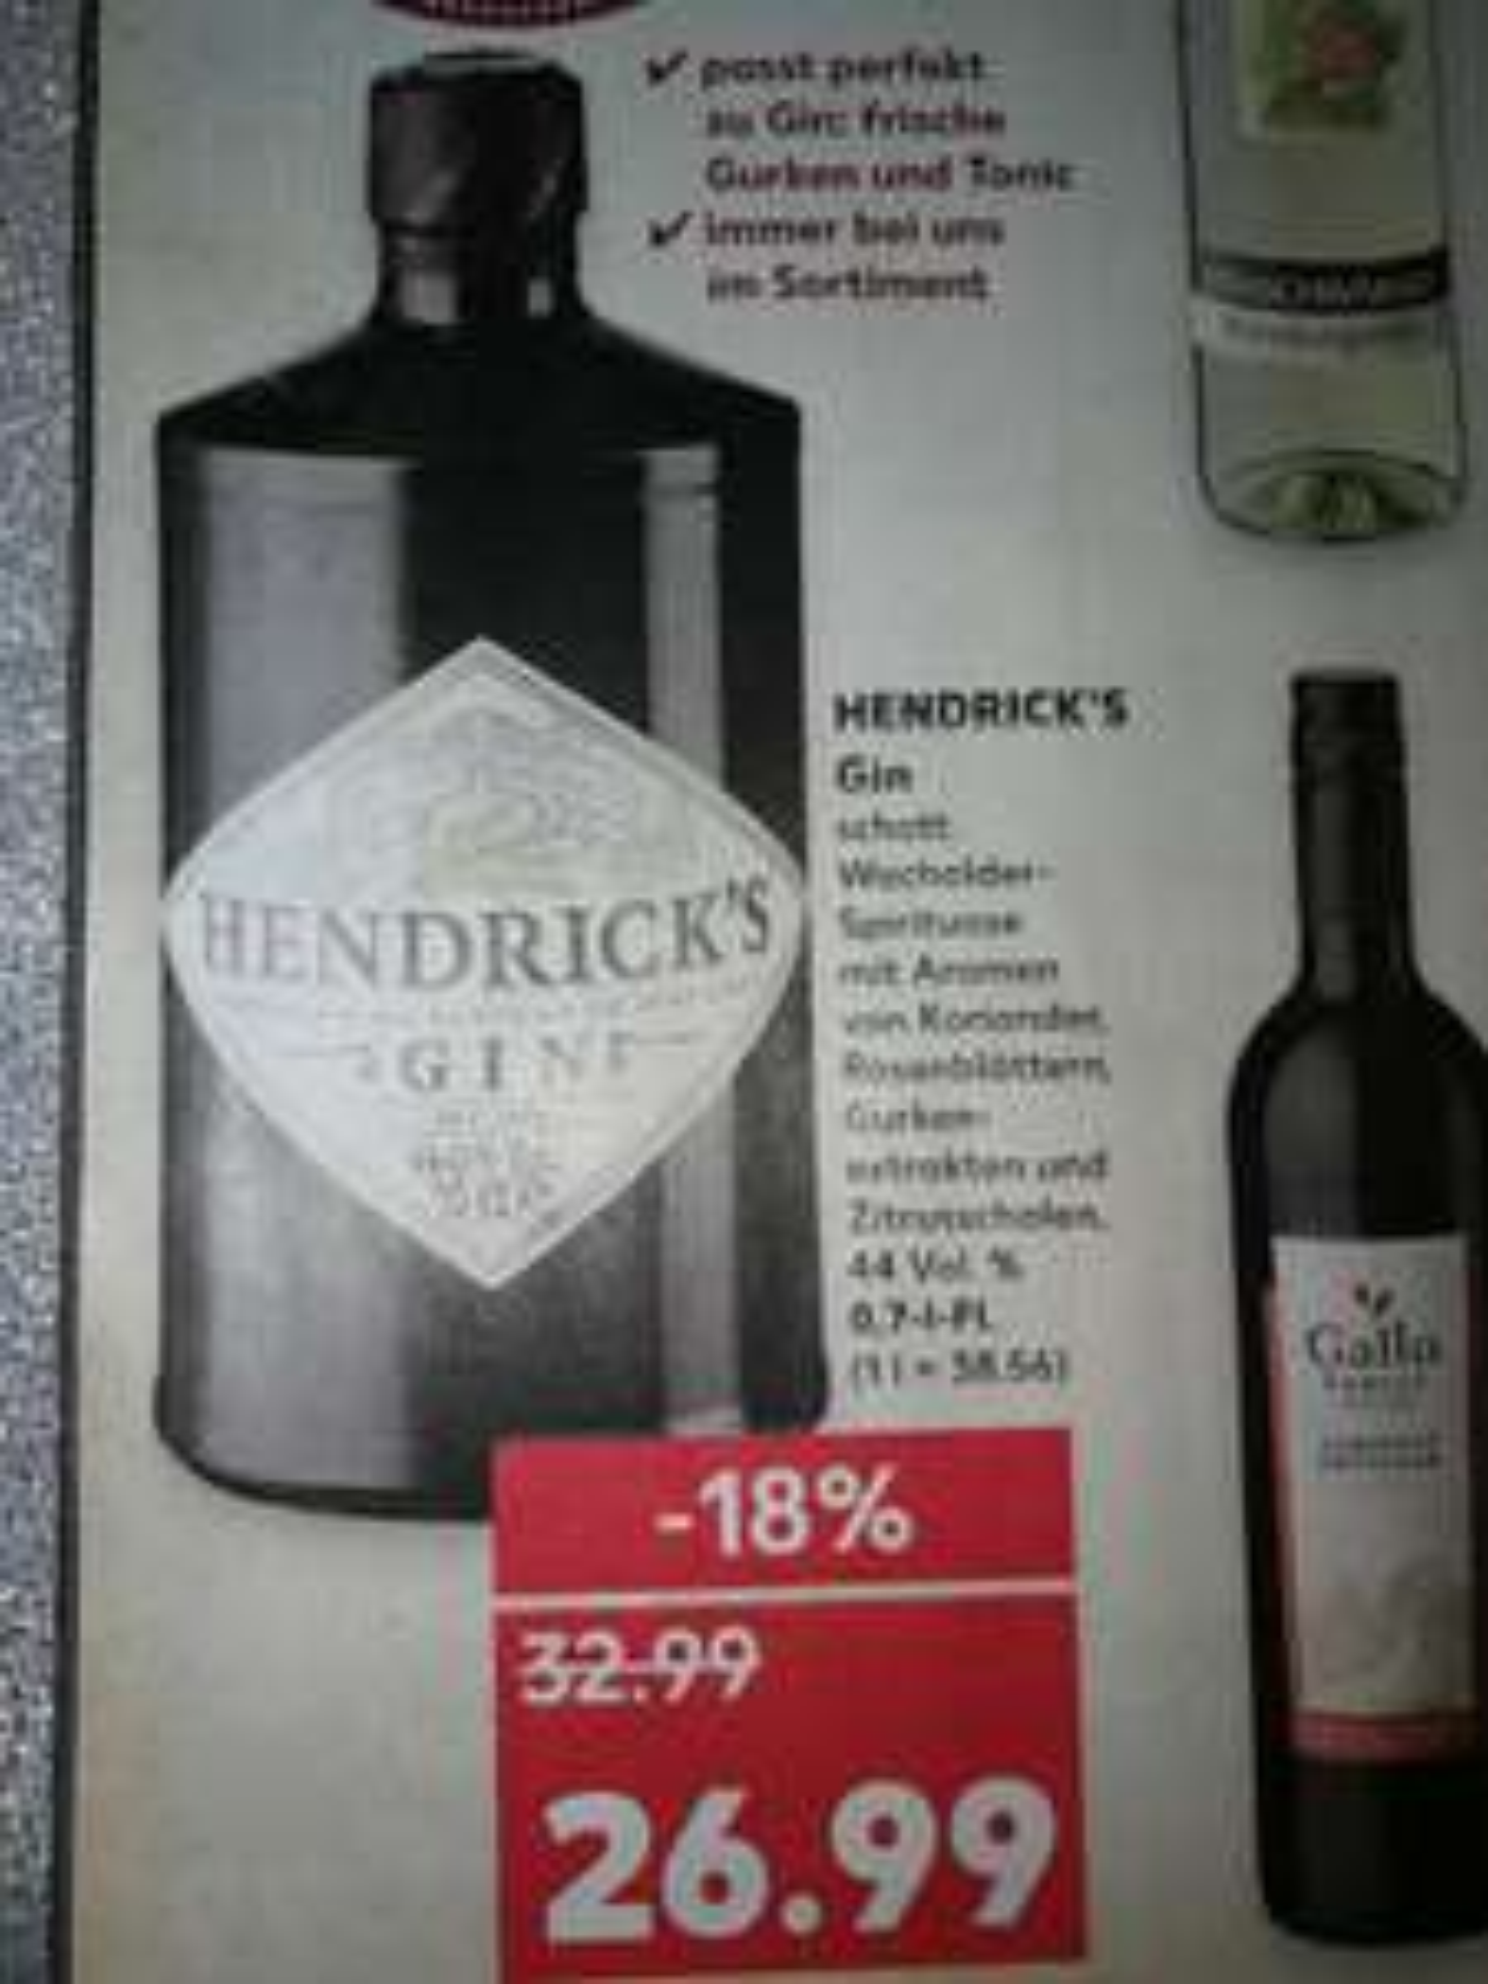 (Kaufland bundesweit) Hendricks Gin 0,7 ab 02.11.